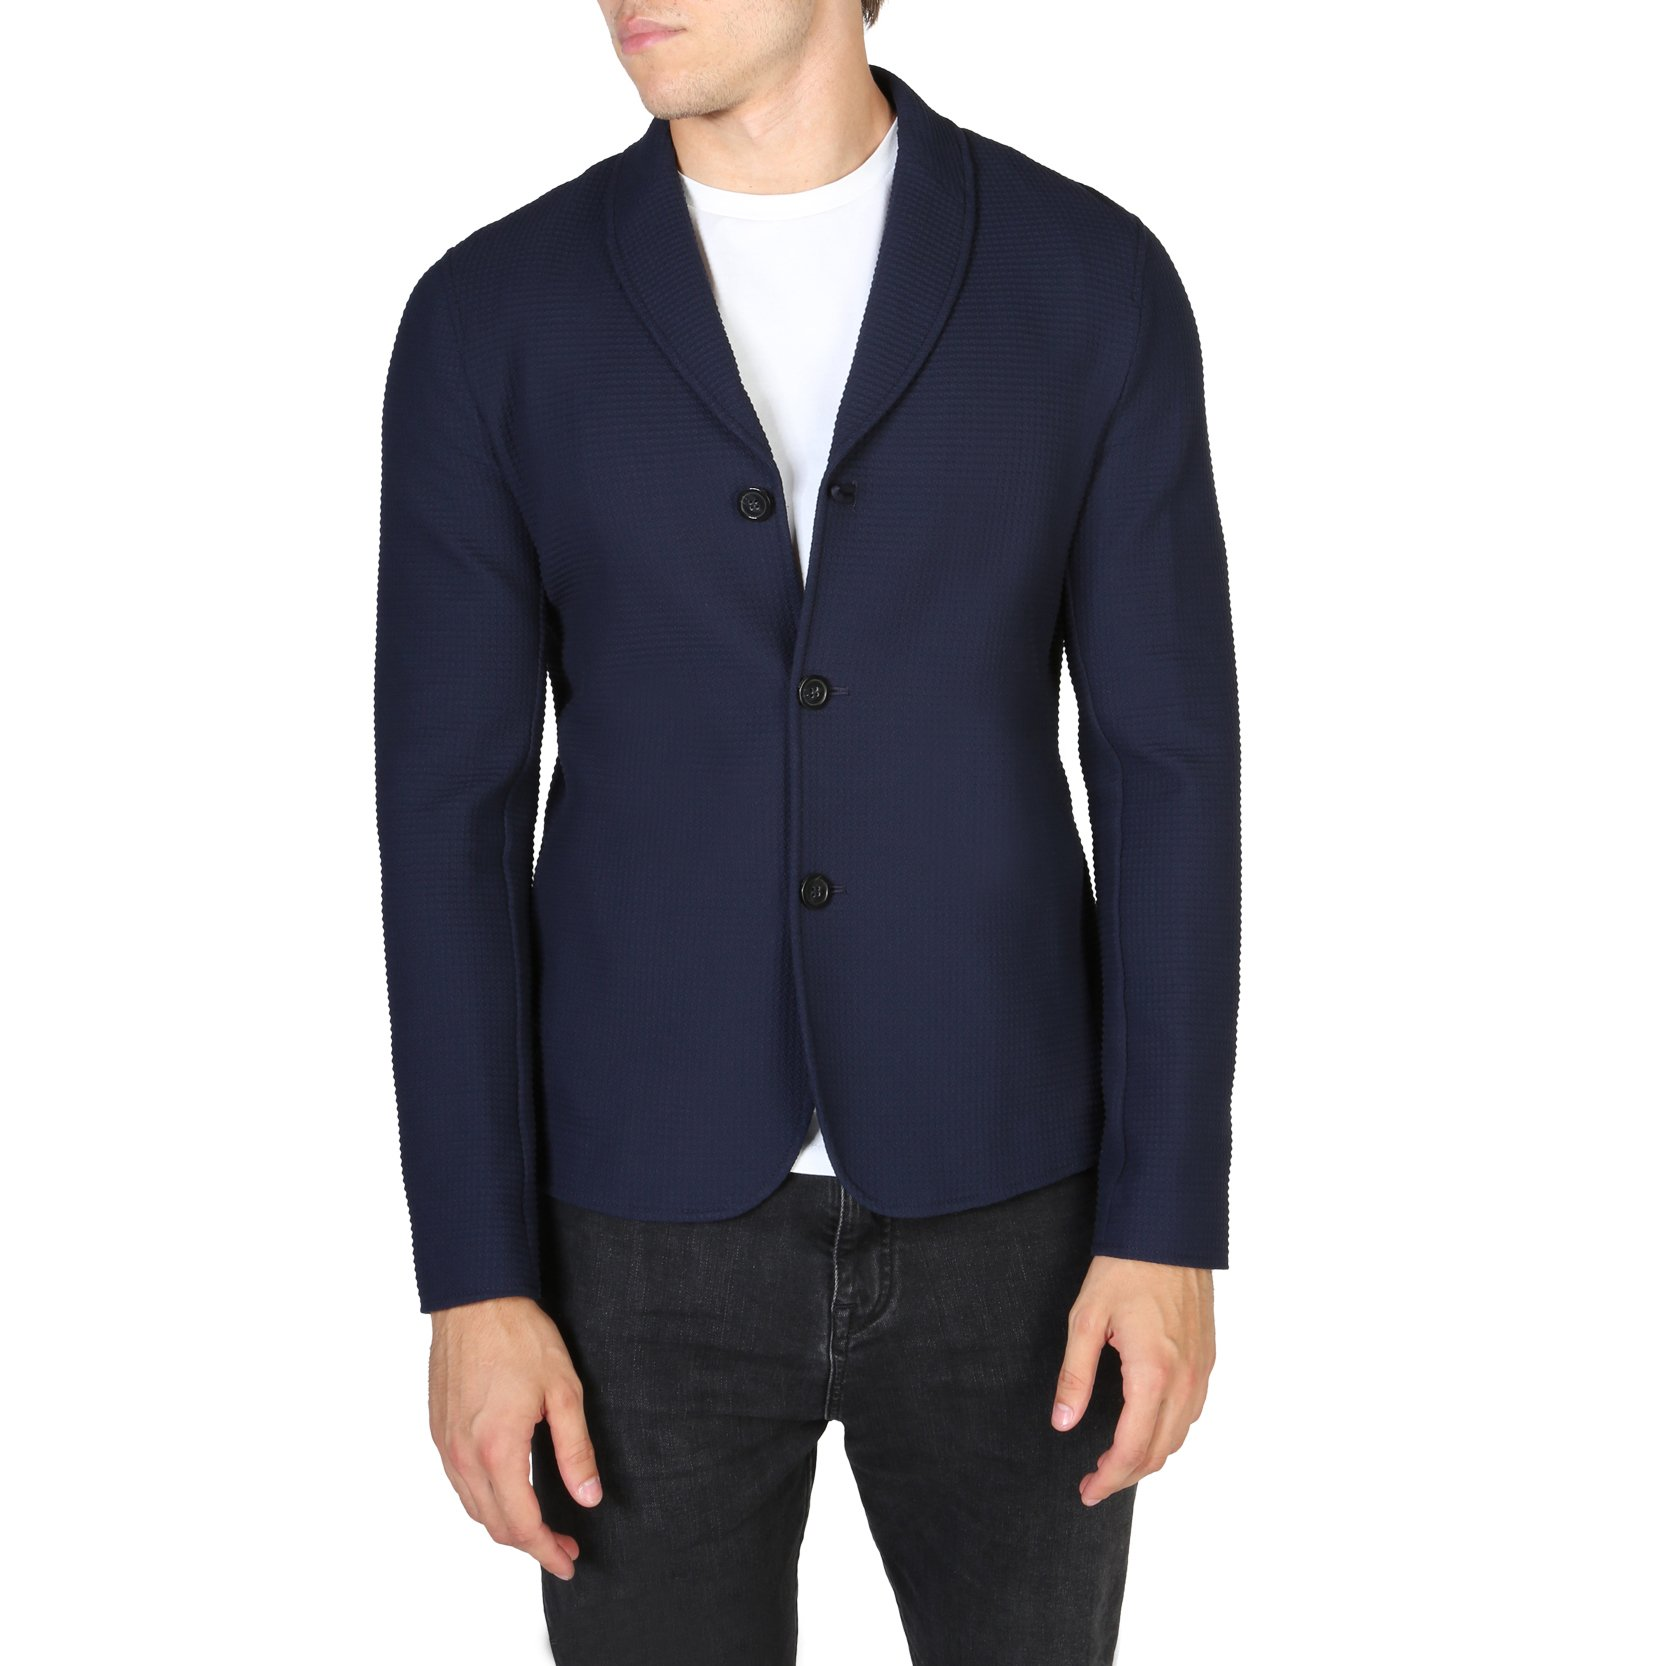 Emporio Armani Men's Blazer Various Colours V1G780V1203 - blue 52